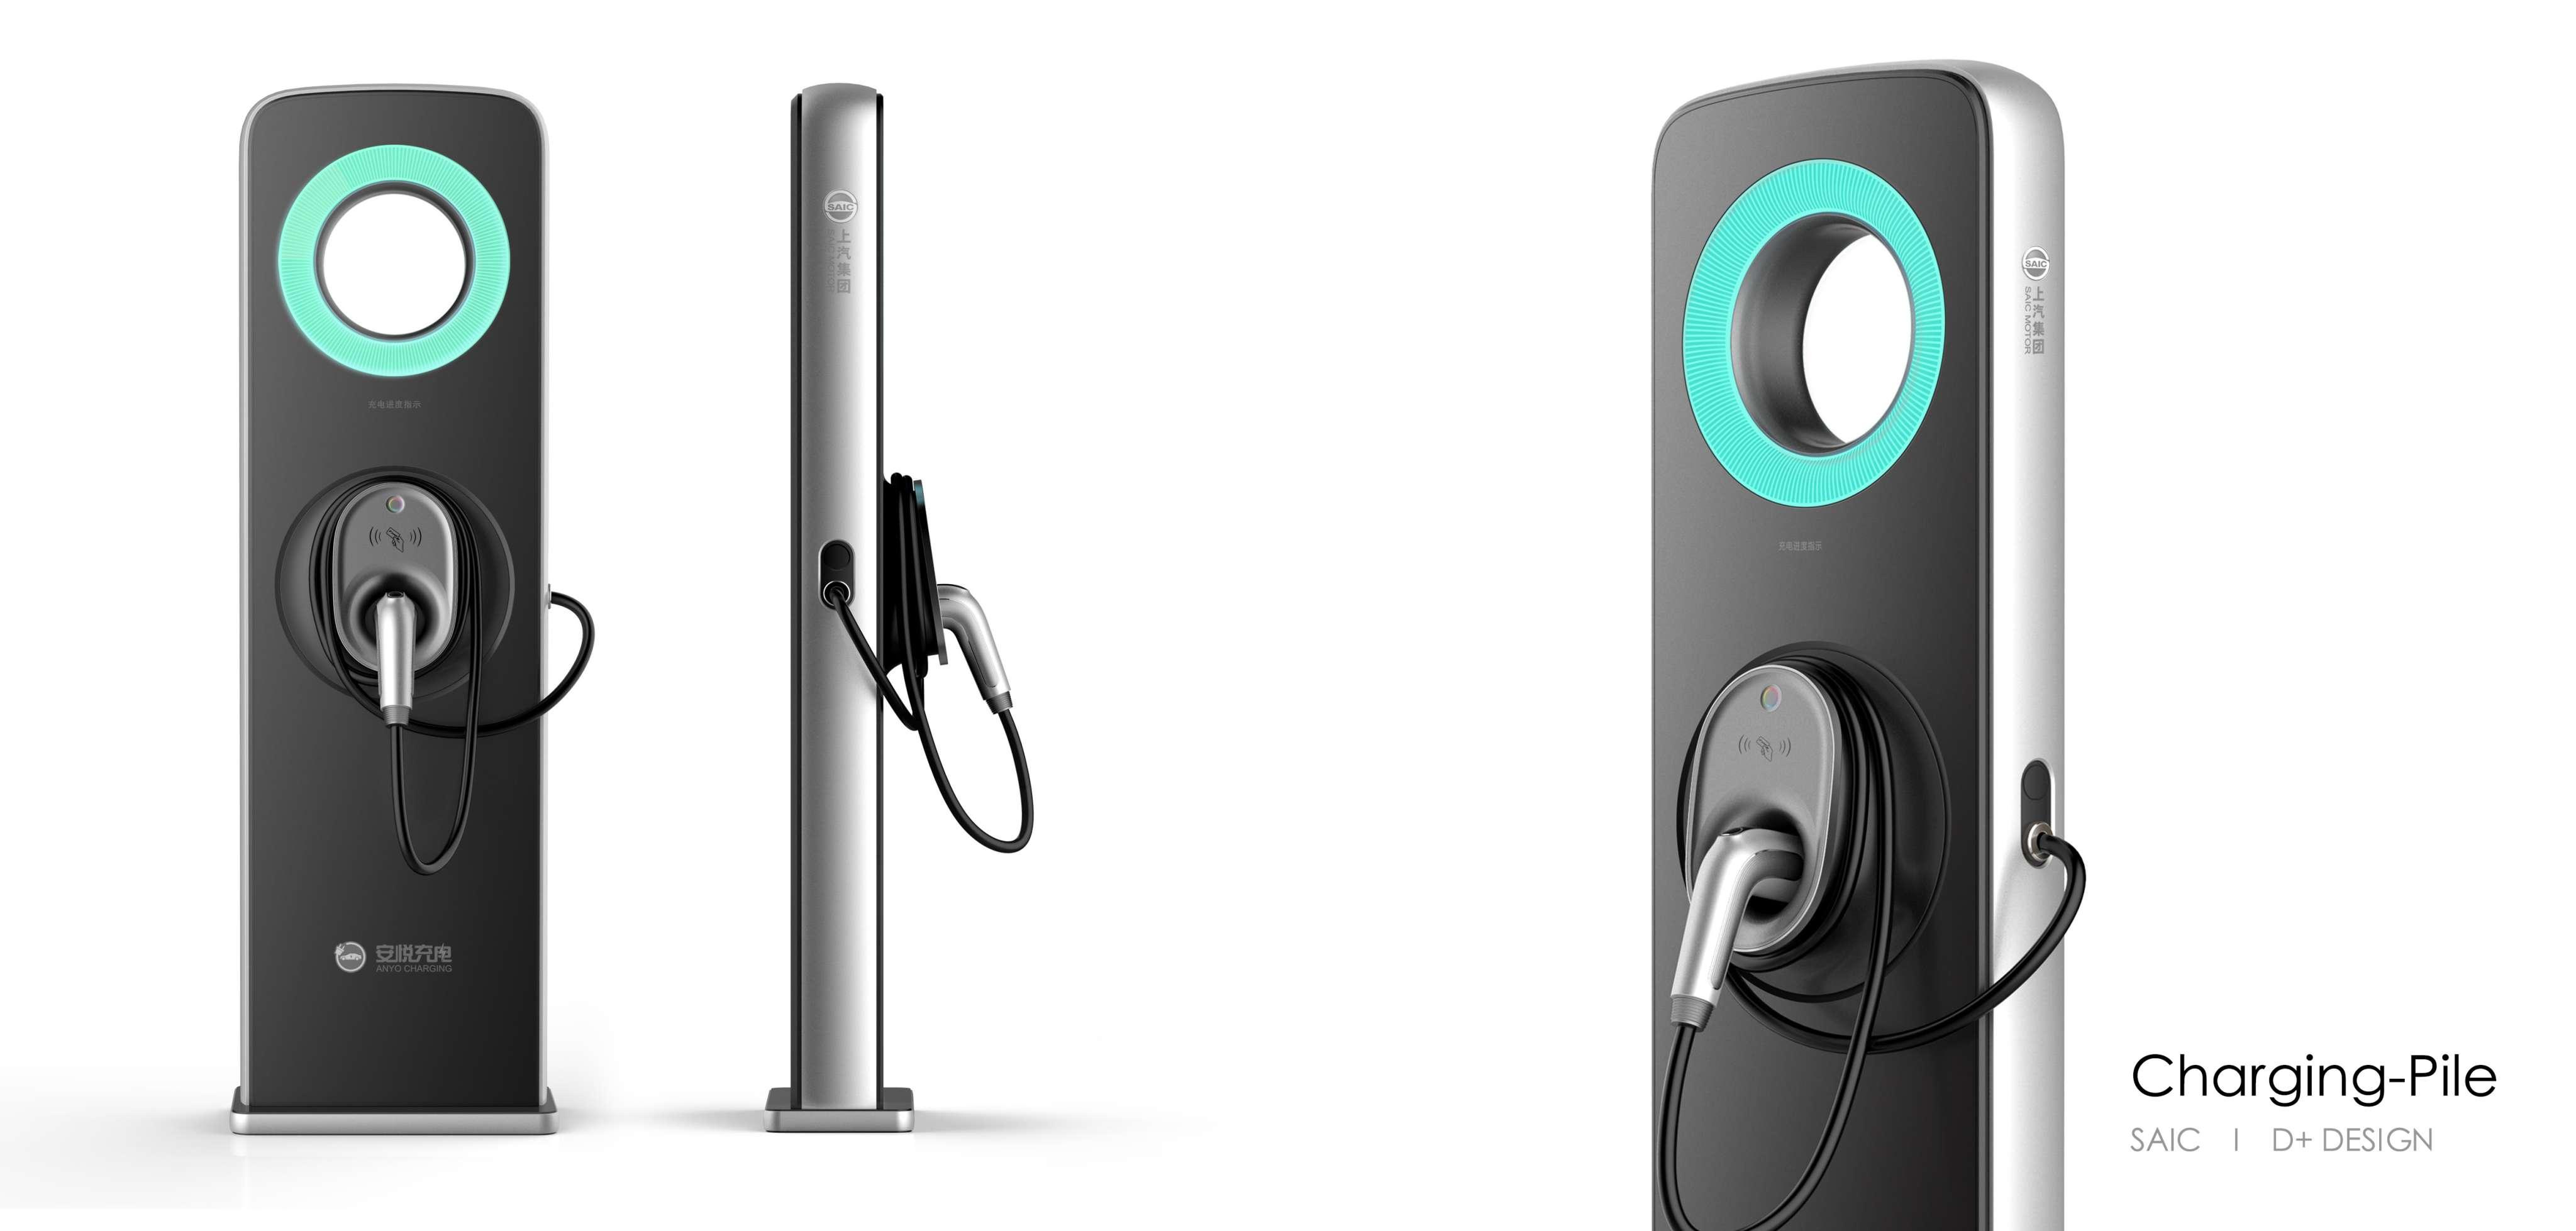 安悦光环充电桩 - 上海道加创意设计有限公司